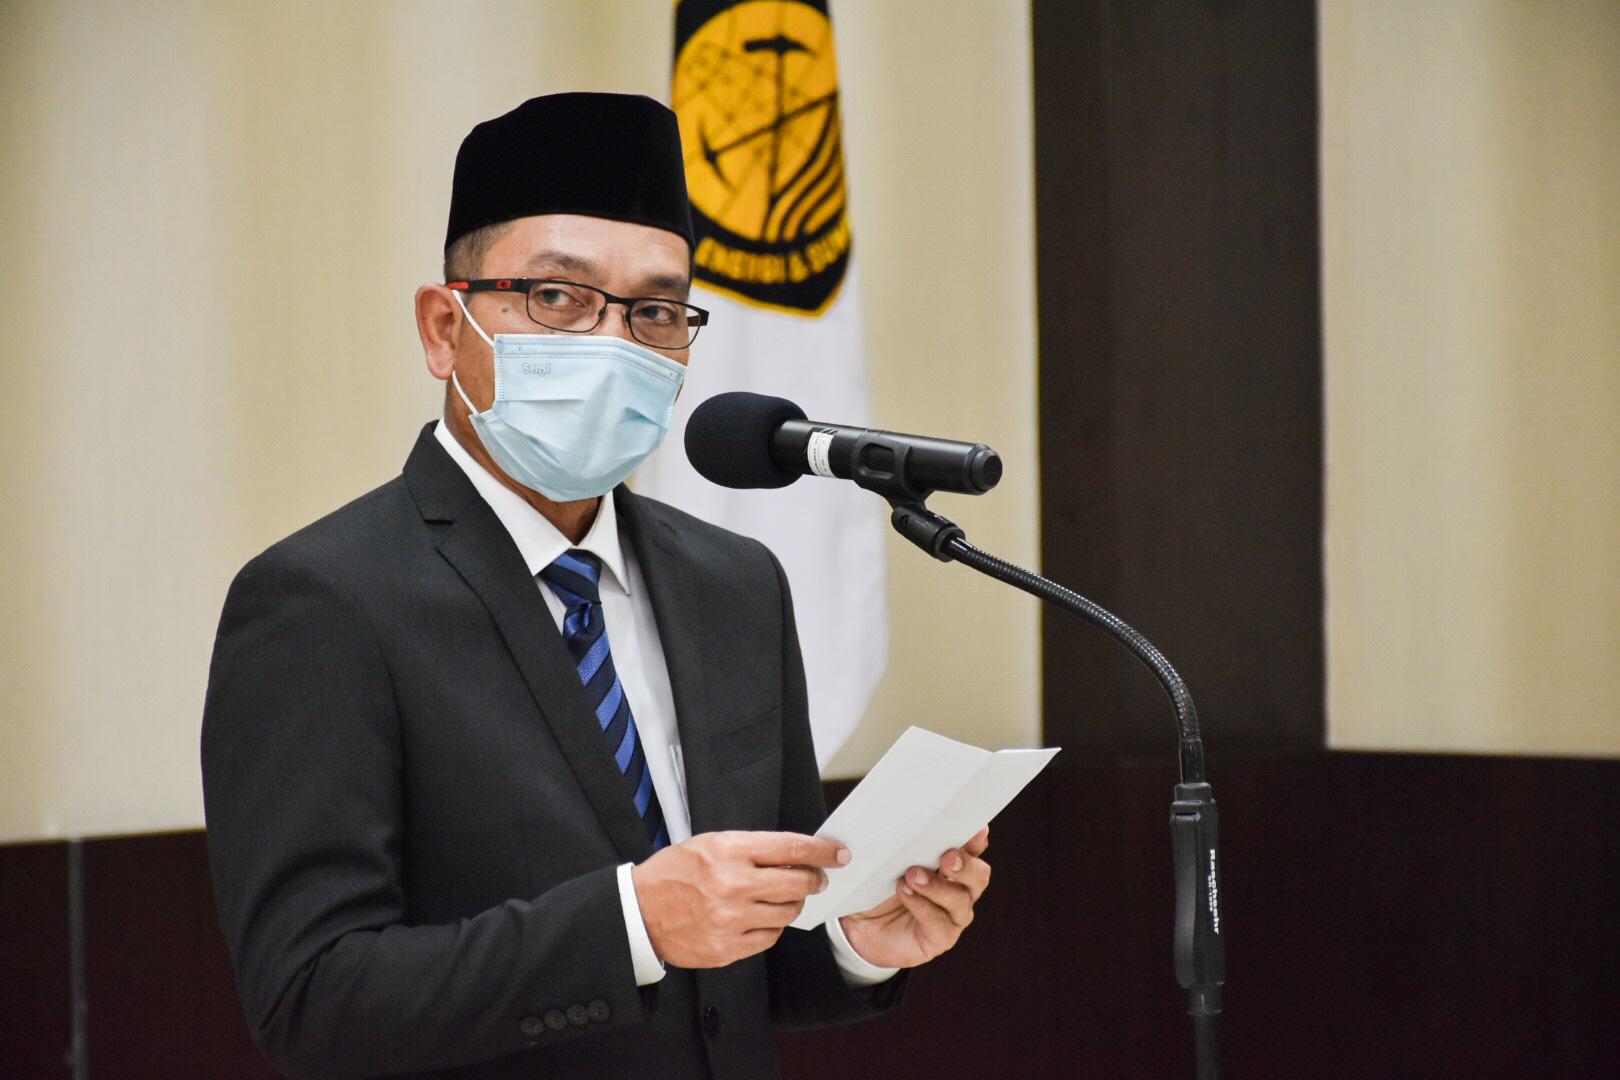 Dirjen EBTKE, Dadan Kusdiana memberikan sambutan pada acara pelantikan di Gedung Slamet Bratanata, Jakarta (05/04/2021) (NS)